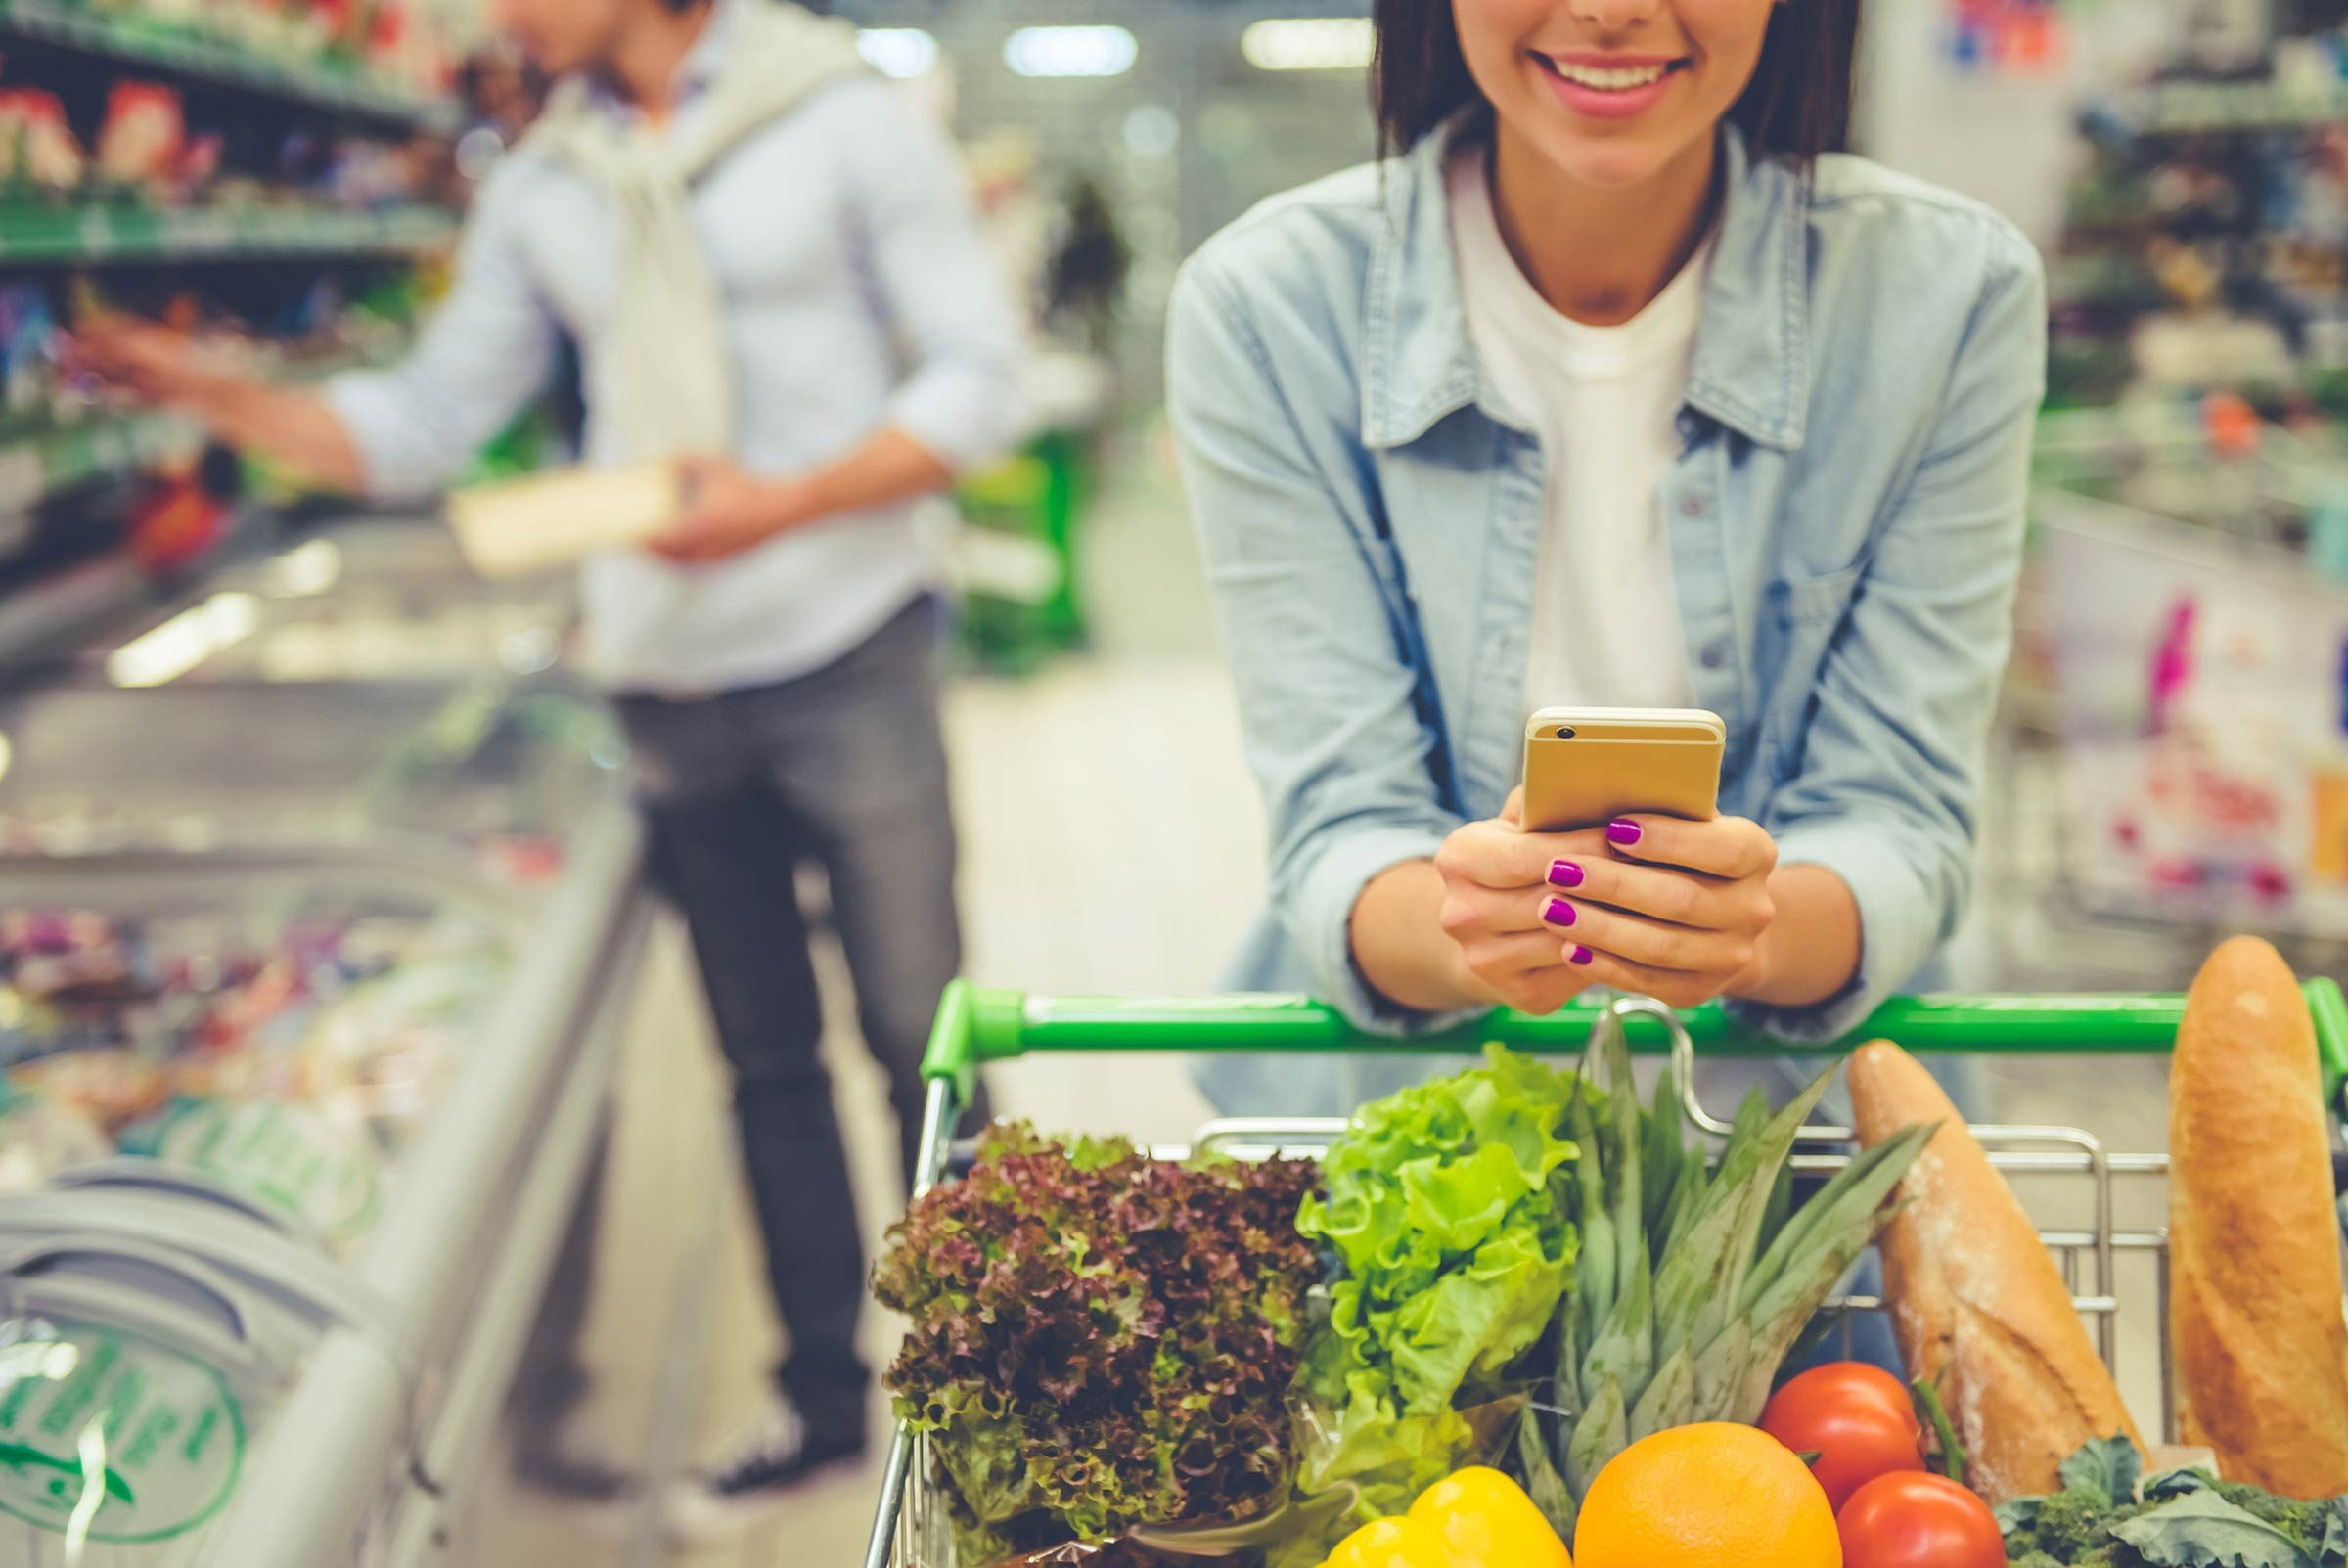 Règle du télétravail: Ne perdez pas trop de temps à faire des courses